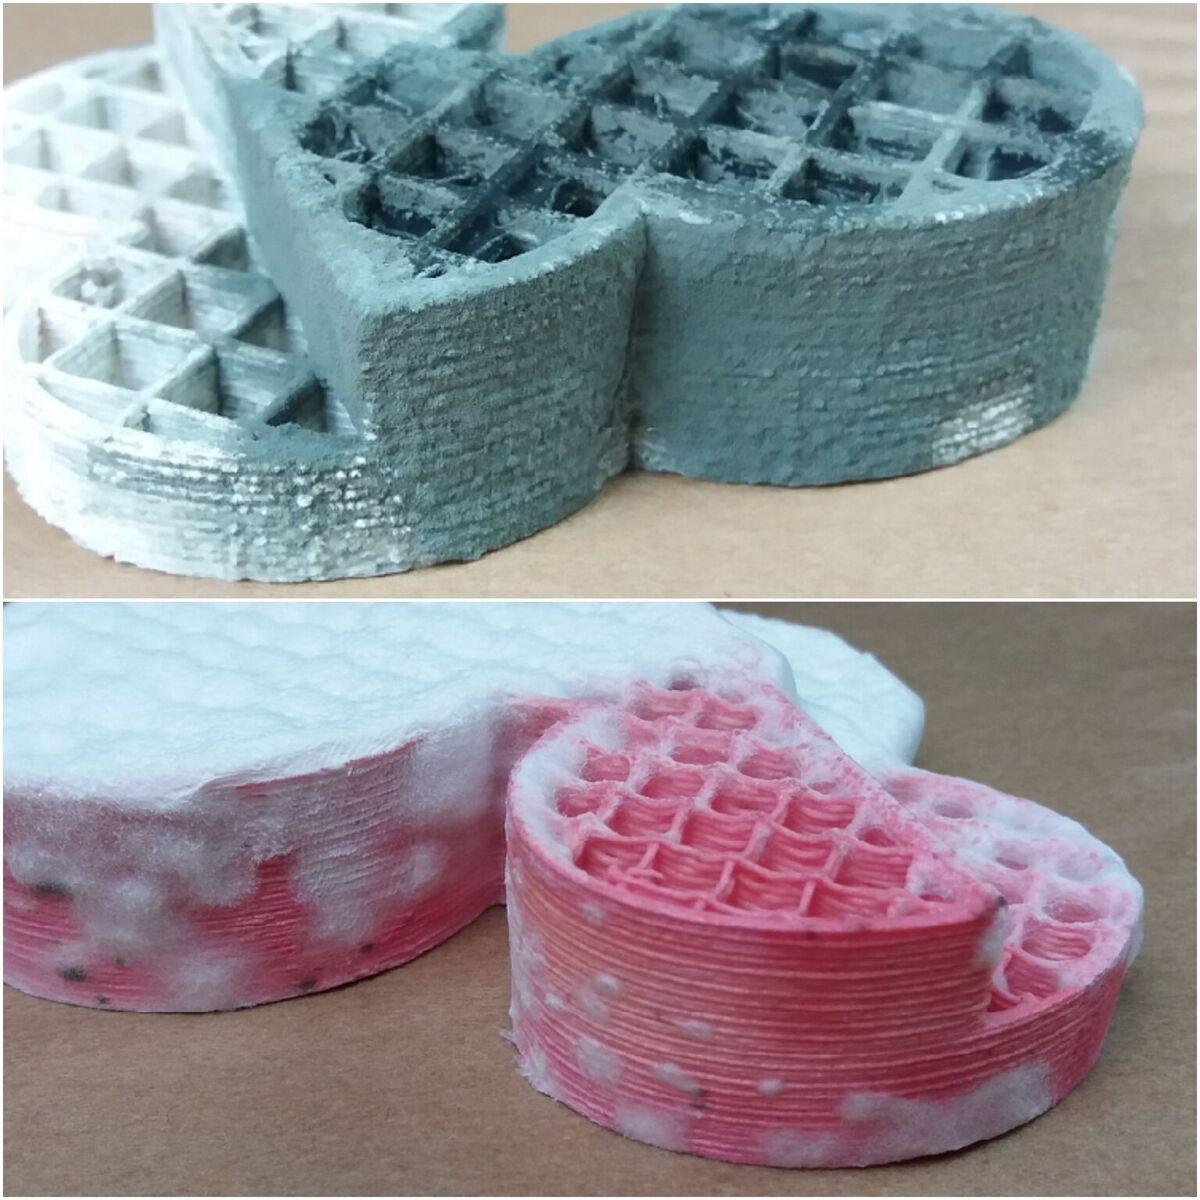 Kai Parthy launcht neues biologisch abbaubares Filament GROWLAY2 - Kai Parthy launcht neues biologisch abbaubares Filament GROWLAY